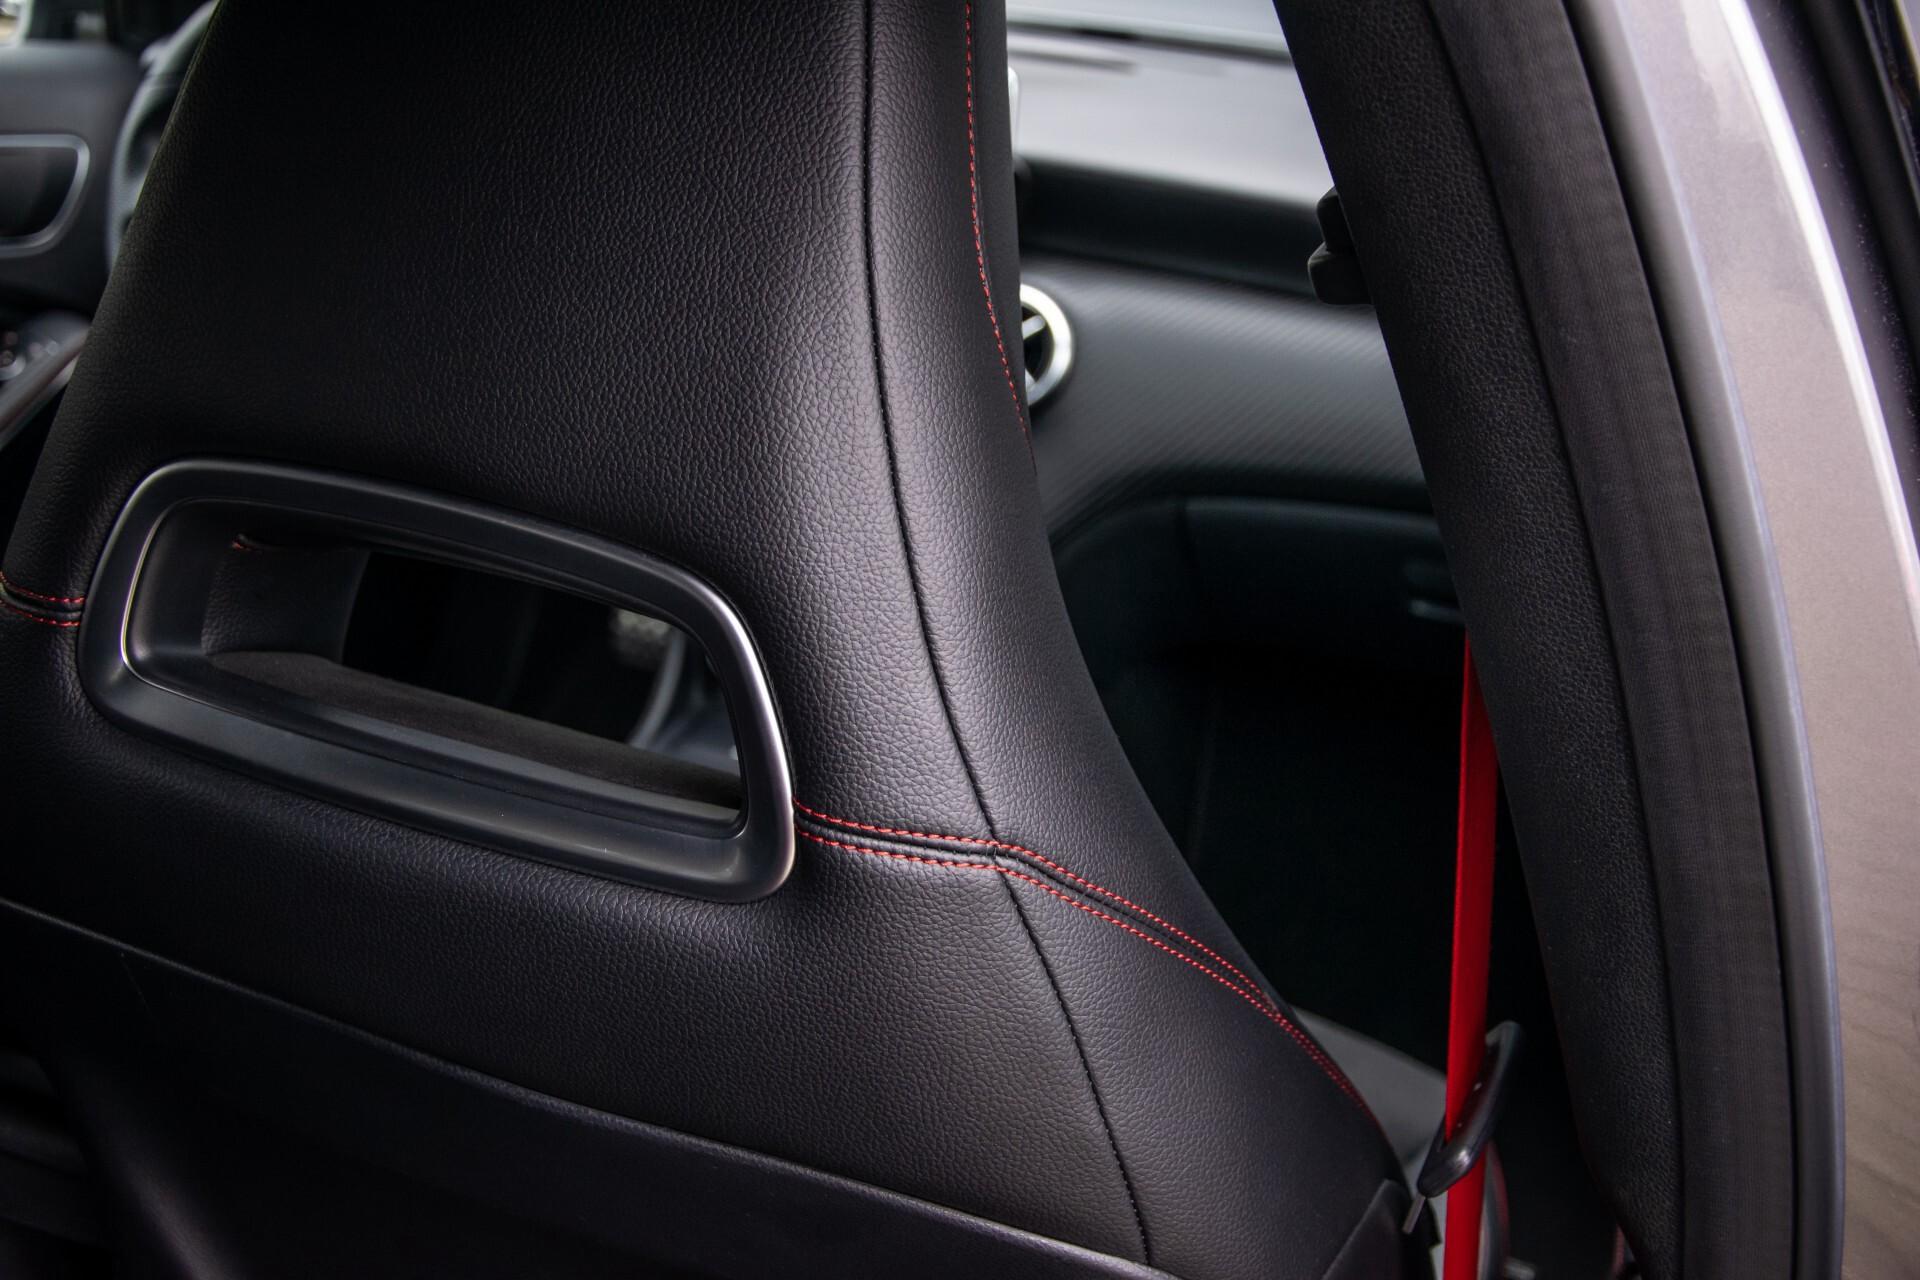 Mercedes-Benz A-Klasse 180 AMG Dynamic Handling/Camera/Xenon/Navi/Privacy Aut7 Foto 38